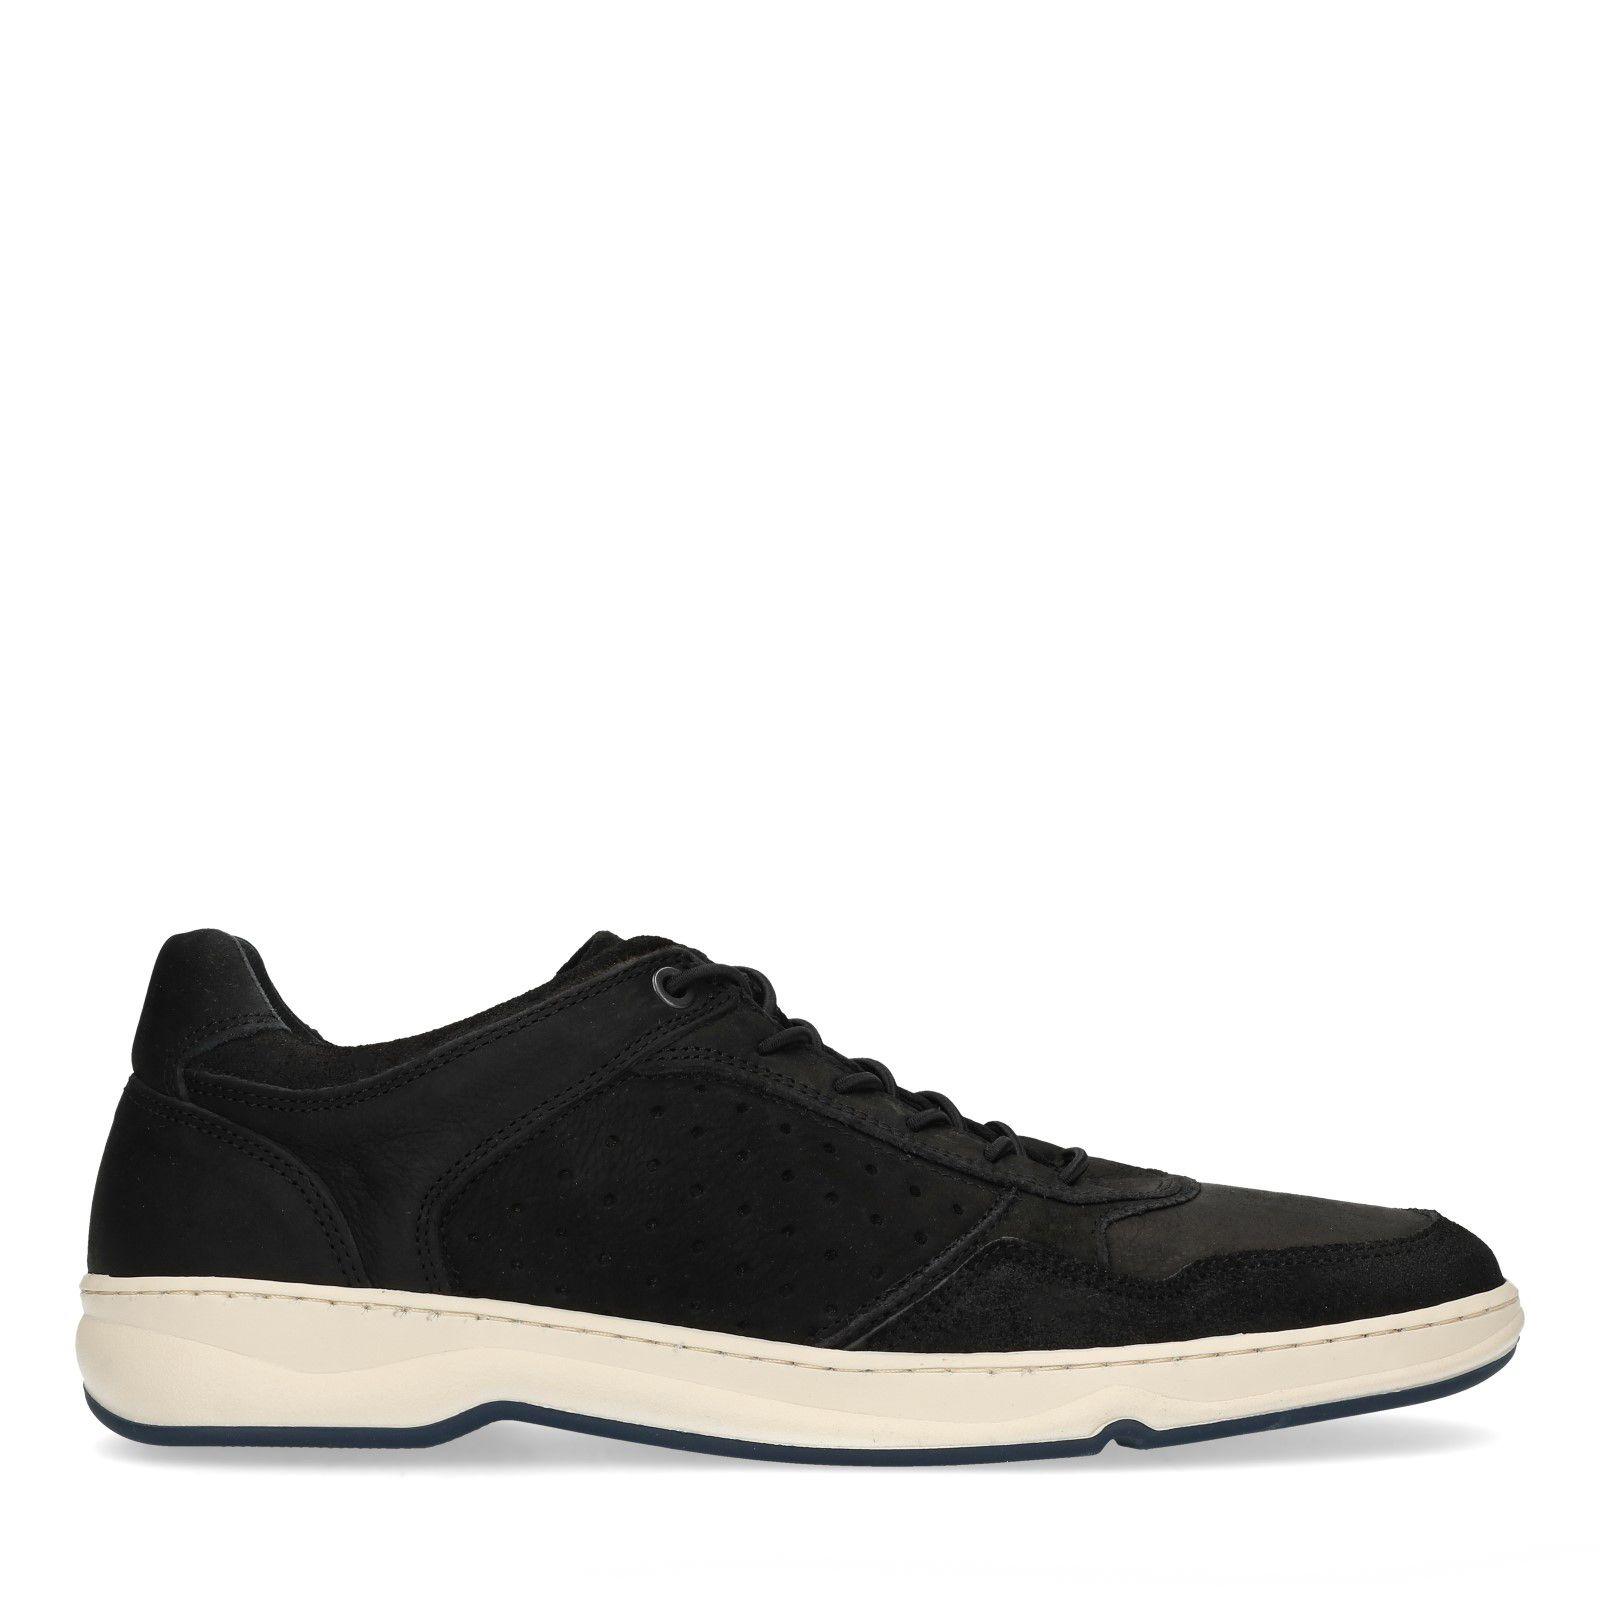 – Sacha Lage Herenschoenen Zwarte Nubuck Sneakers 435cjqARL